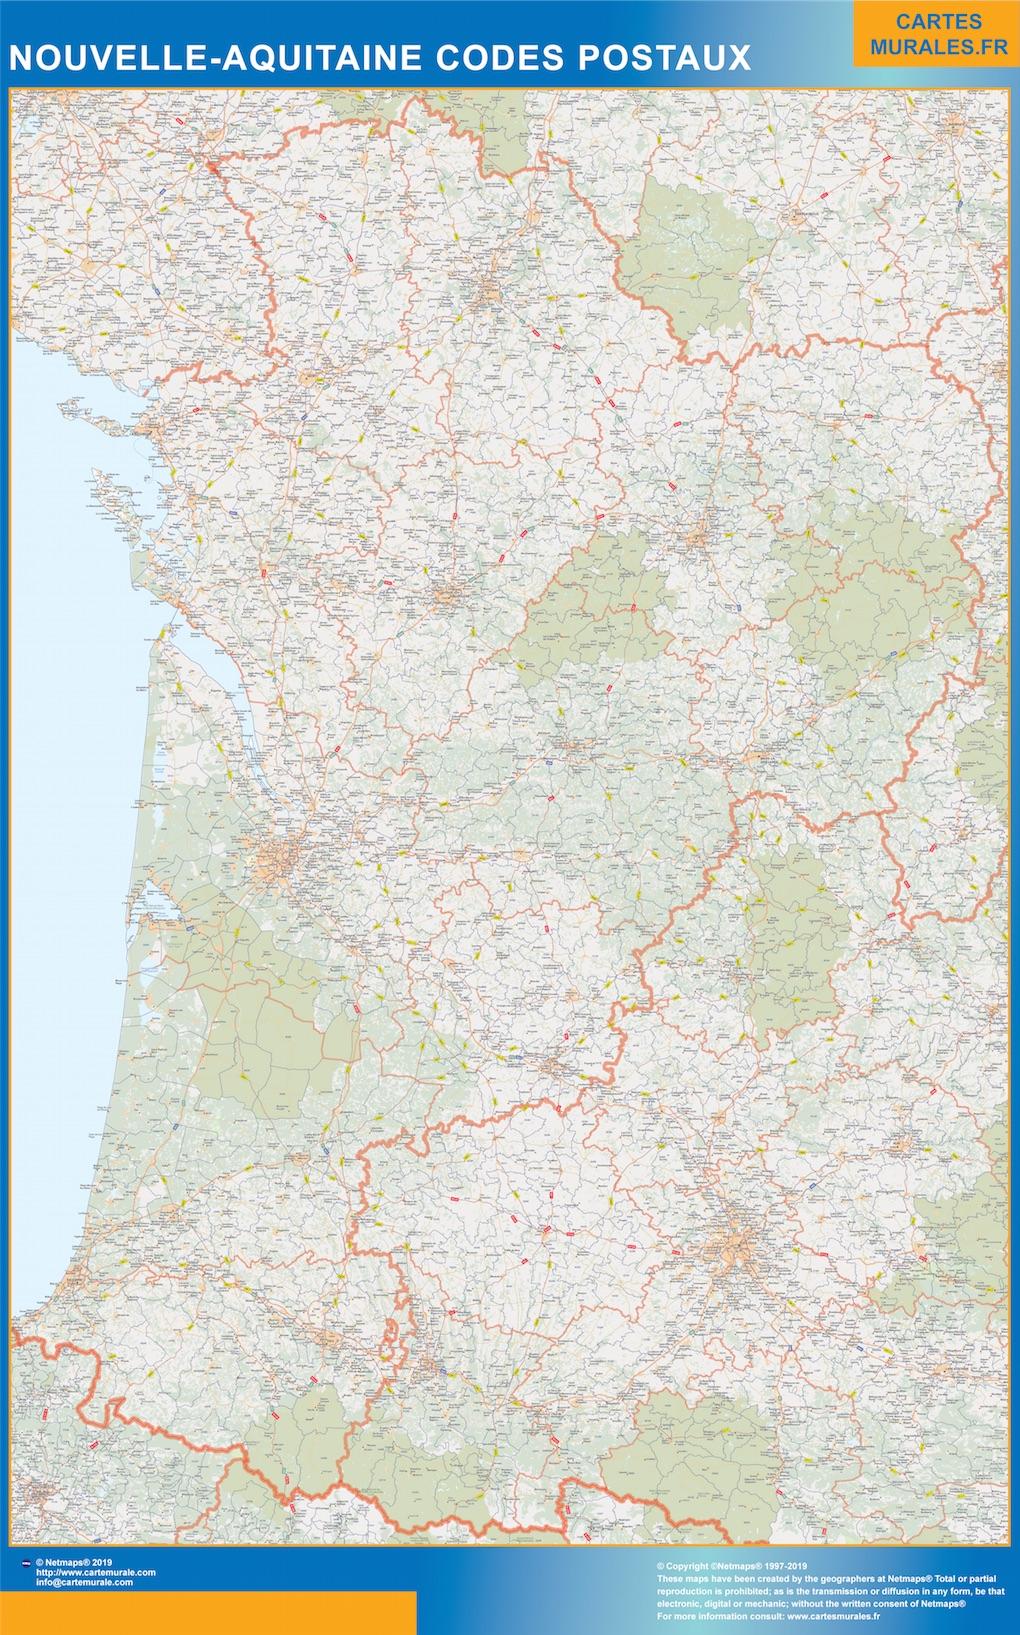 Carte Nouvelle Aquitaine codes postaux